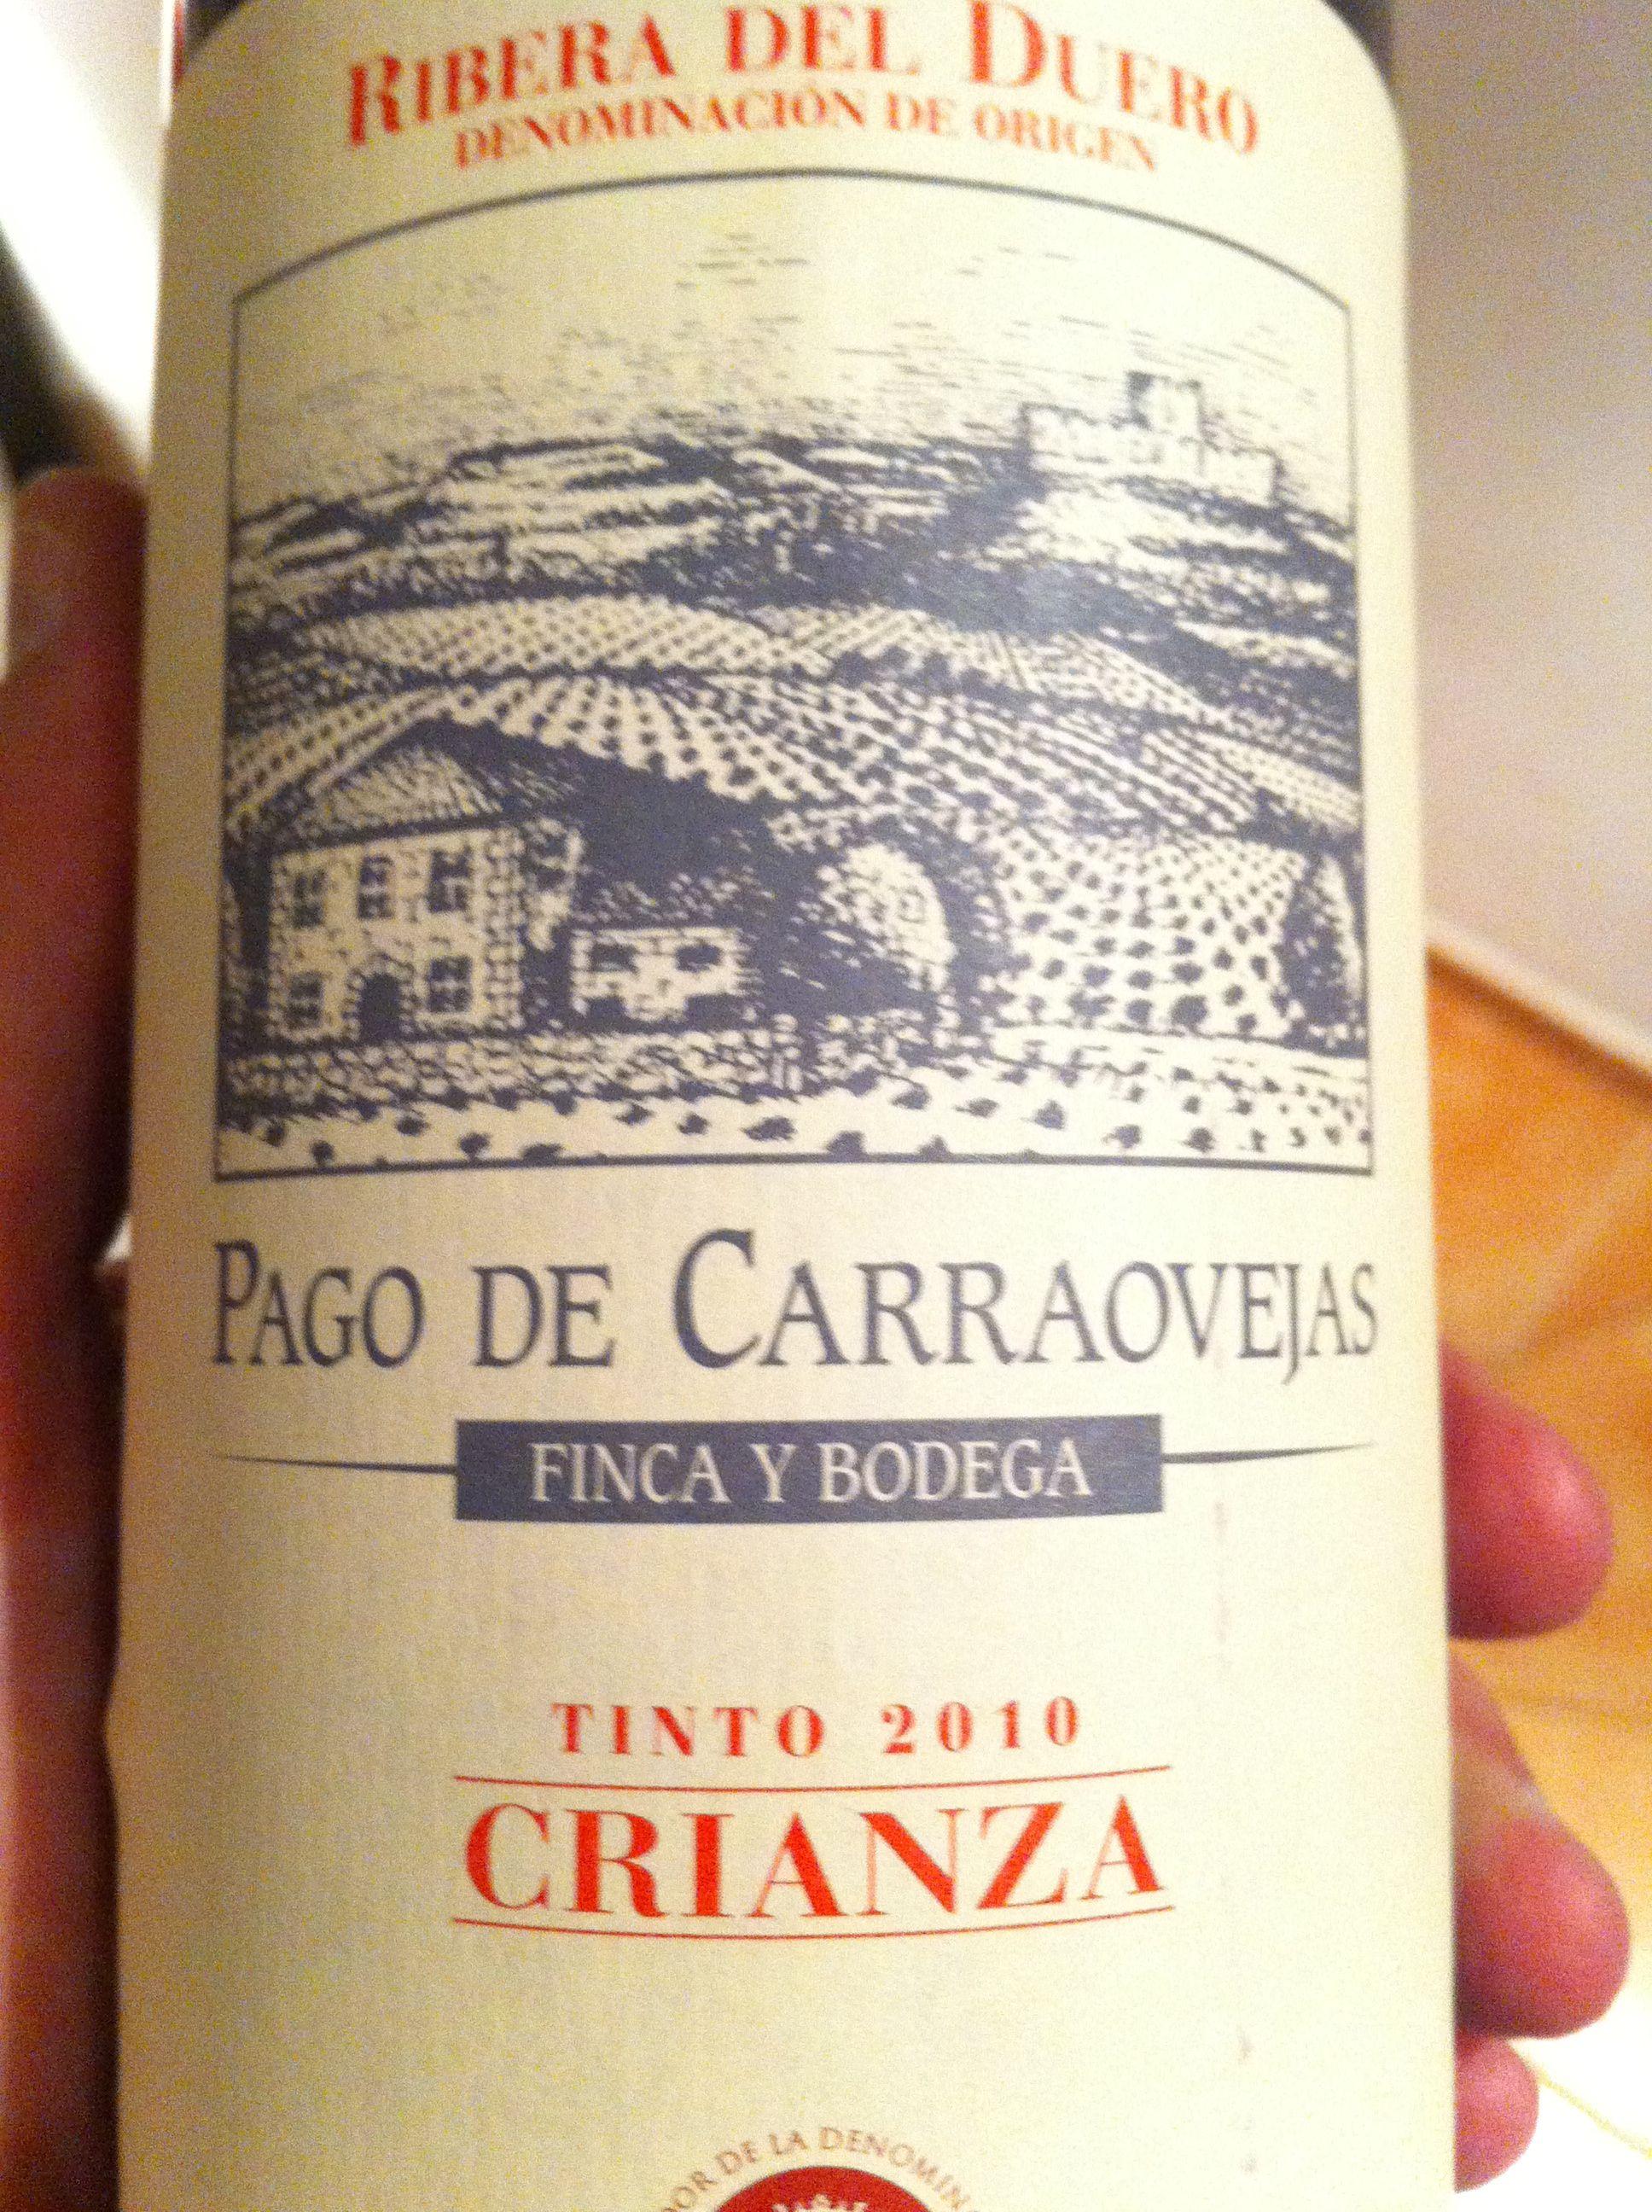 Pago De Carraovejas Crianza 2010 Ribera Del Duero Vinos Buenos